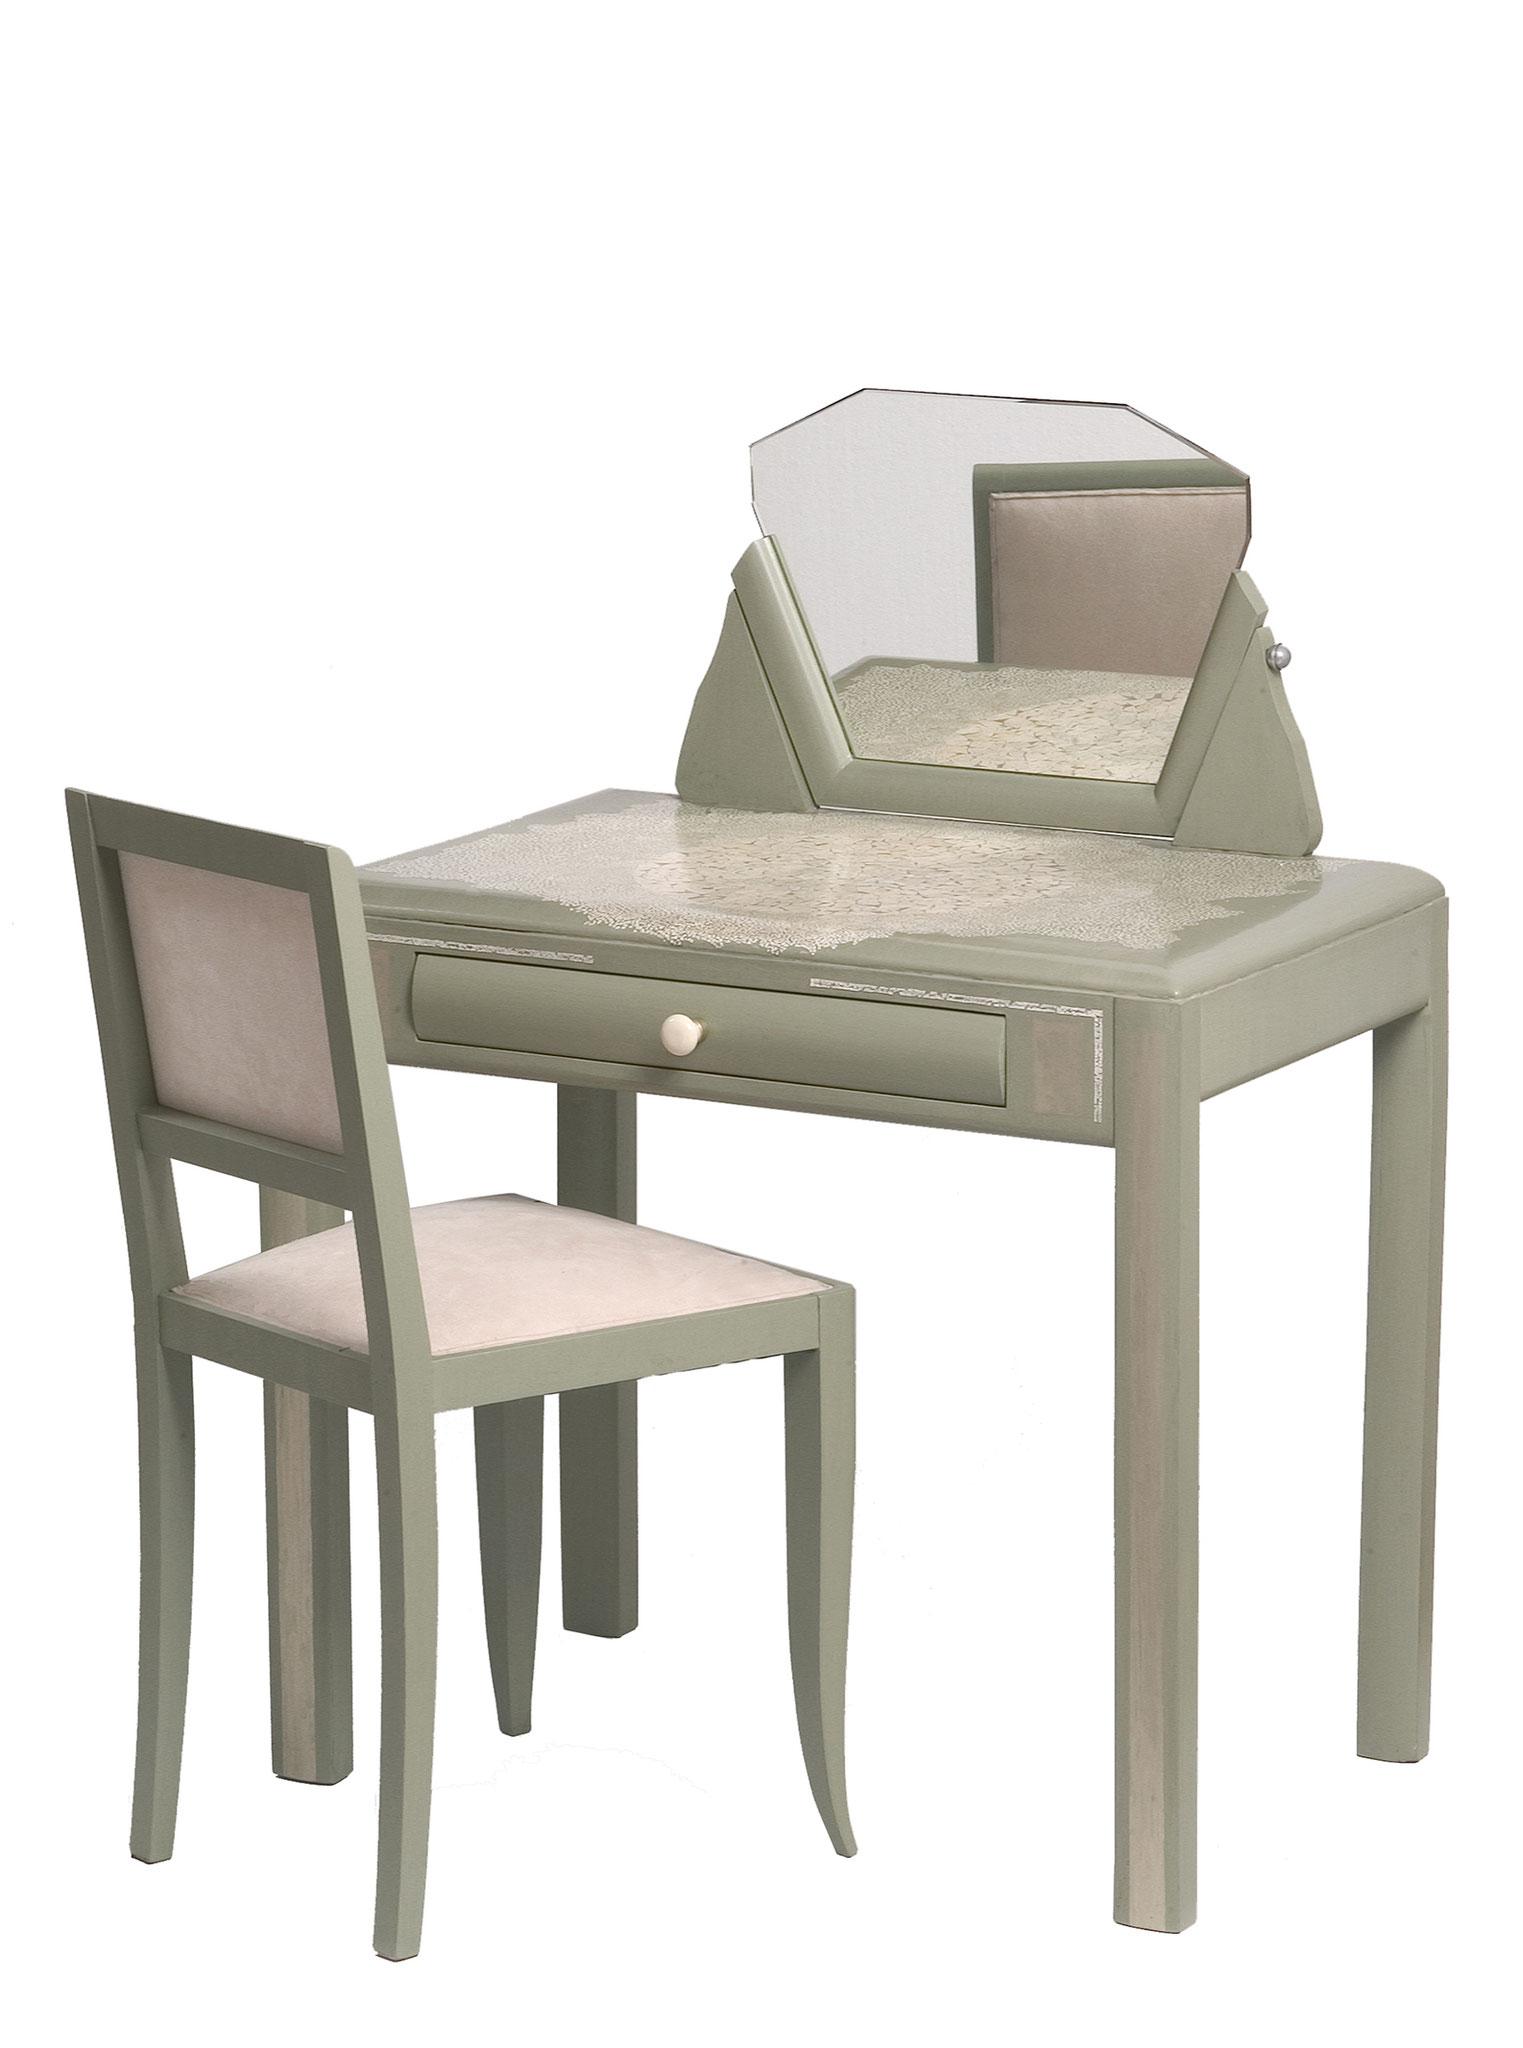 Coiffeuse laquée avec incrustation de coquilles d'œufs. Chaise tapissée en alcantara - Meuble des années 20 - 90 x 90 x 56 cm